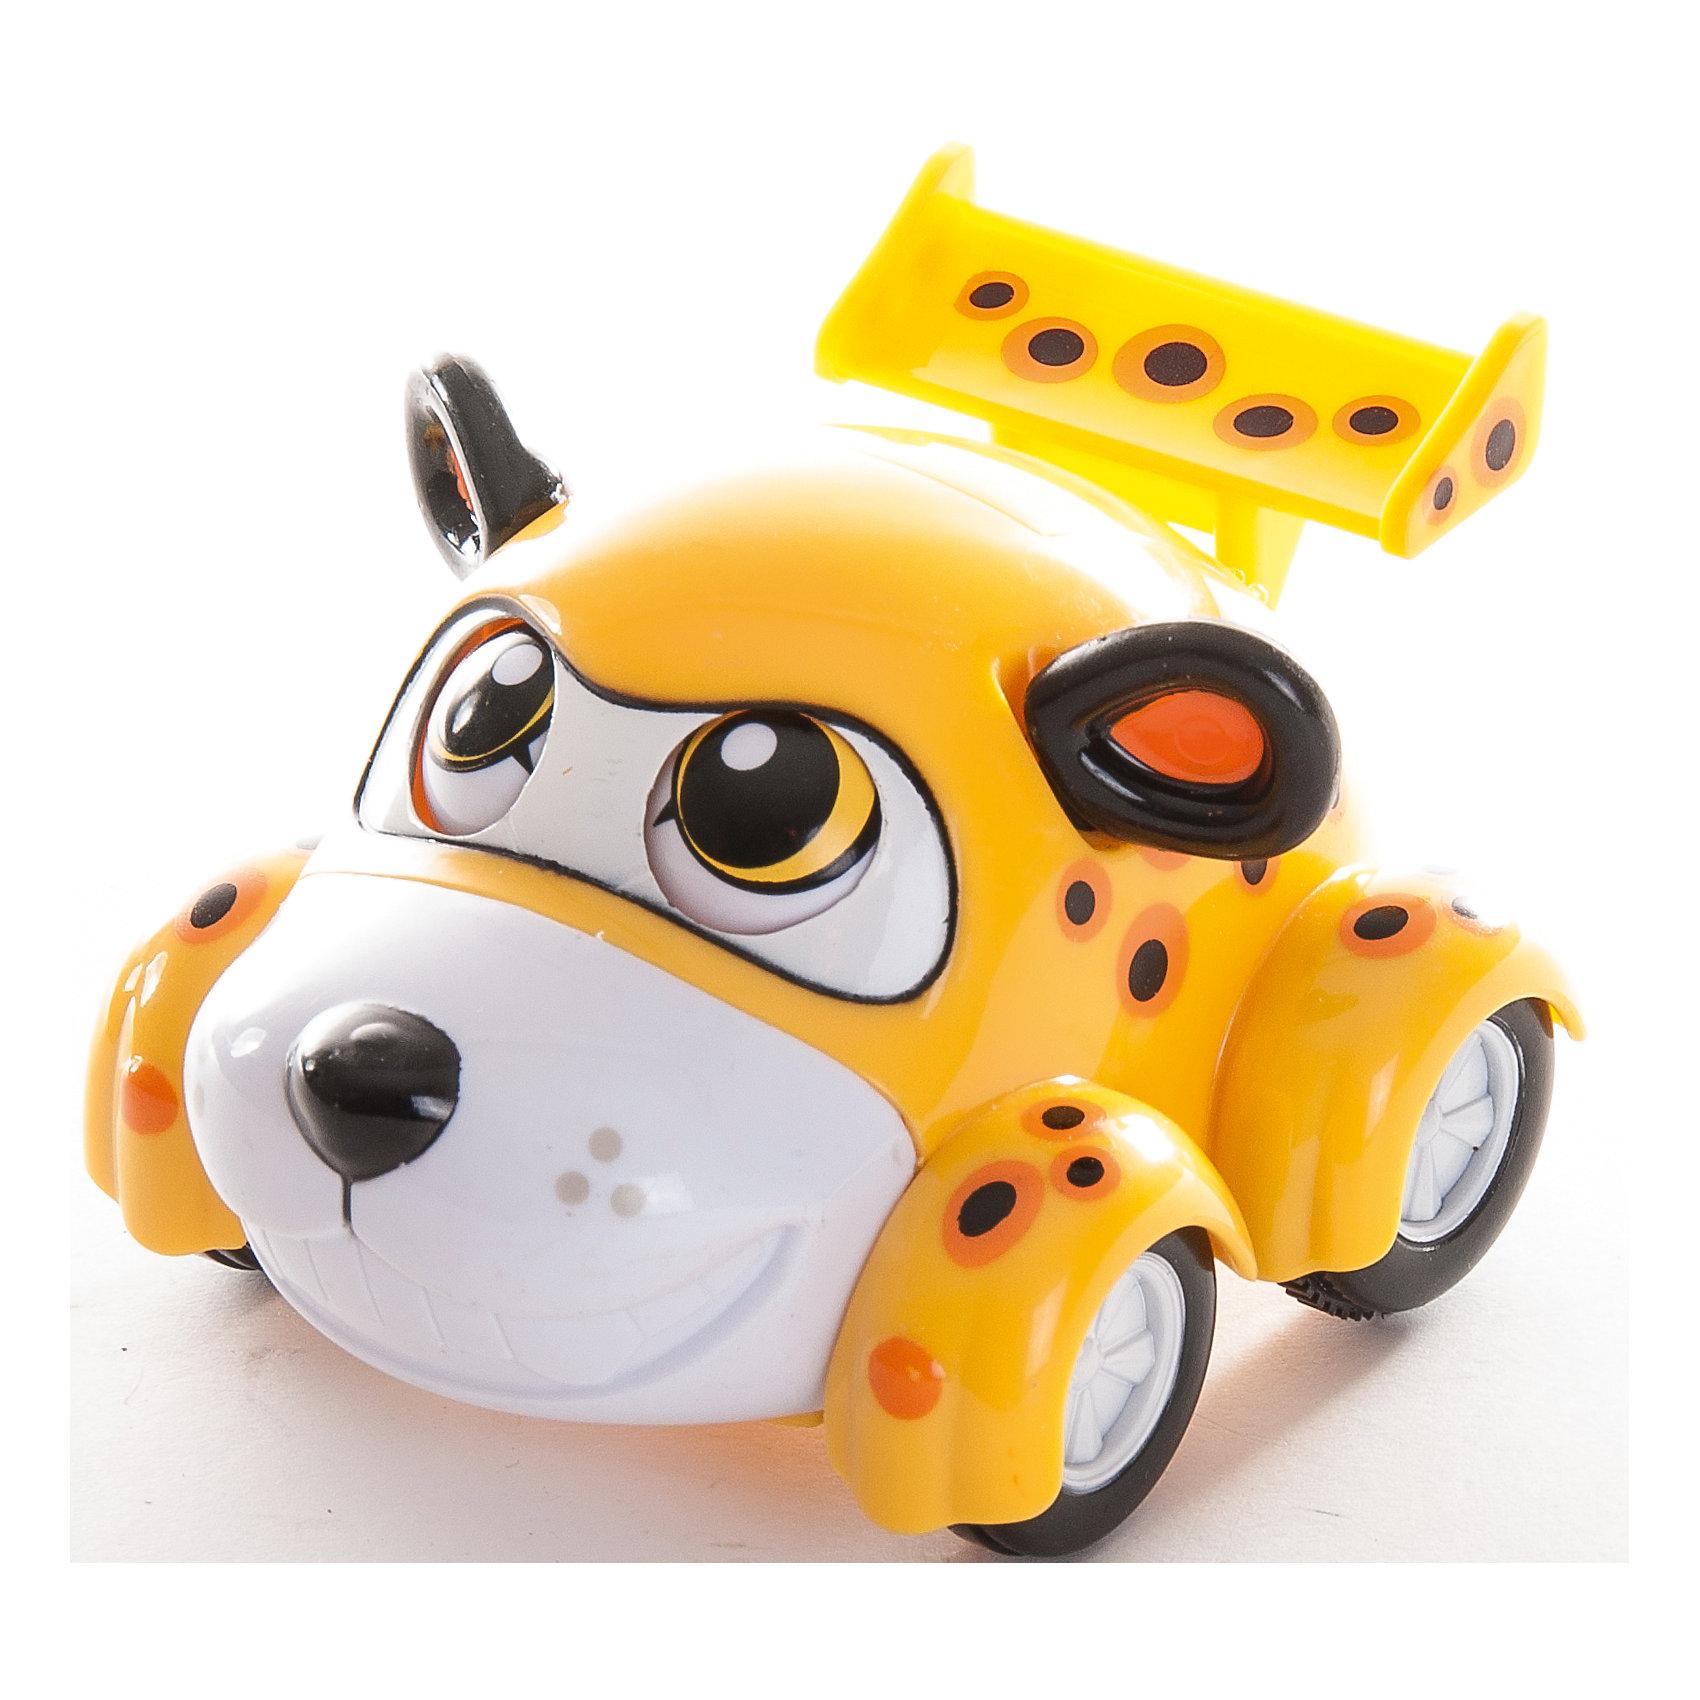 Машинка со звуковыми и световыми эффектами Спиди, ВрумизМашинки и транспорт для малышей<br>Характеристики товара:<br><br>- цвет: желтый;<br>- материал: пластик;<br>- работает от батареек;<br>- особенности: при встрече с препятствием машинка поворачивает в другую строну, фары светятся;<br>- упаковка: картонная коробка;<br>- размер упаковки: 26х17х26 см.<br><br>Игра в машинки - это очень увлекательно! Какой мальчишка откажется поиграть с героем любимого мультфильма Врумиз?! Игрушки из этой серии отлично детализированы, очень качественно выполнены, поэтому такой комплект станет отличным подарком ребенку. Он продается в красивой упаковке.<br>Изделия произведены из высококачественного материала, безопасного для детей.<br><br>Машинку со звуковыми и световыми эффектами Спиди от бренда Врумиз можно купить в нашем интернет-магазине.<br><br>Ширина мм: 260<br>Глубина мм: 260<br>Высота мм: 170<br>Вес г: 816<br>Возраст от месяцев: 48<br>Возраст до месяцев: 2147483647<br>Пол: Унисекс<br>Возраст: Детский<br>SKU: 5039876